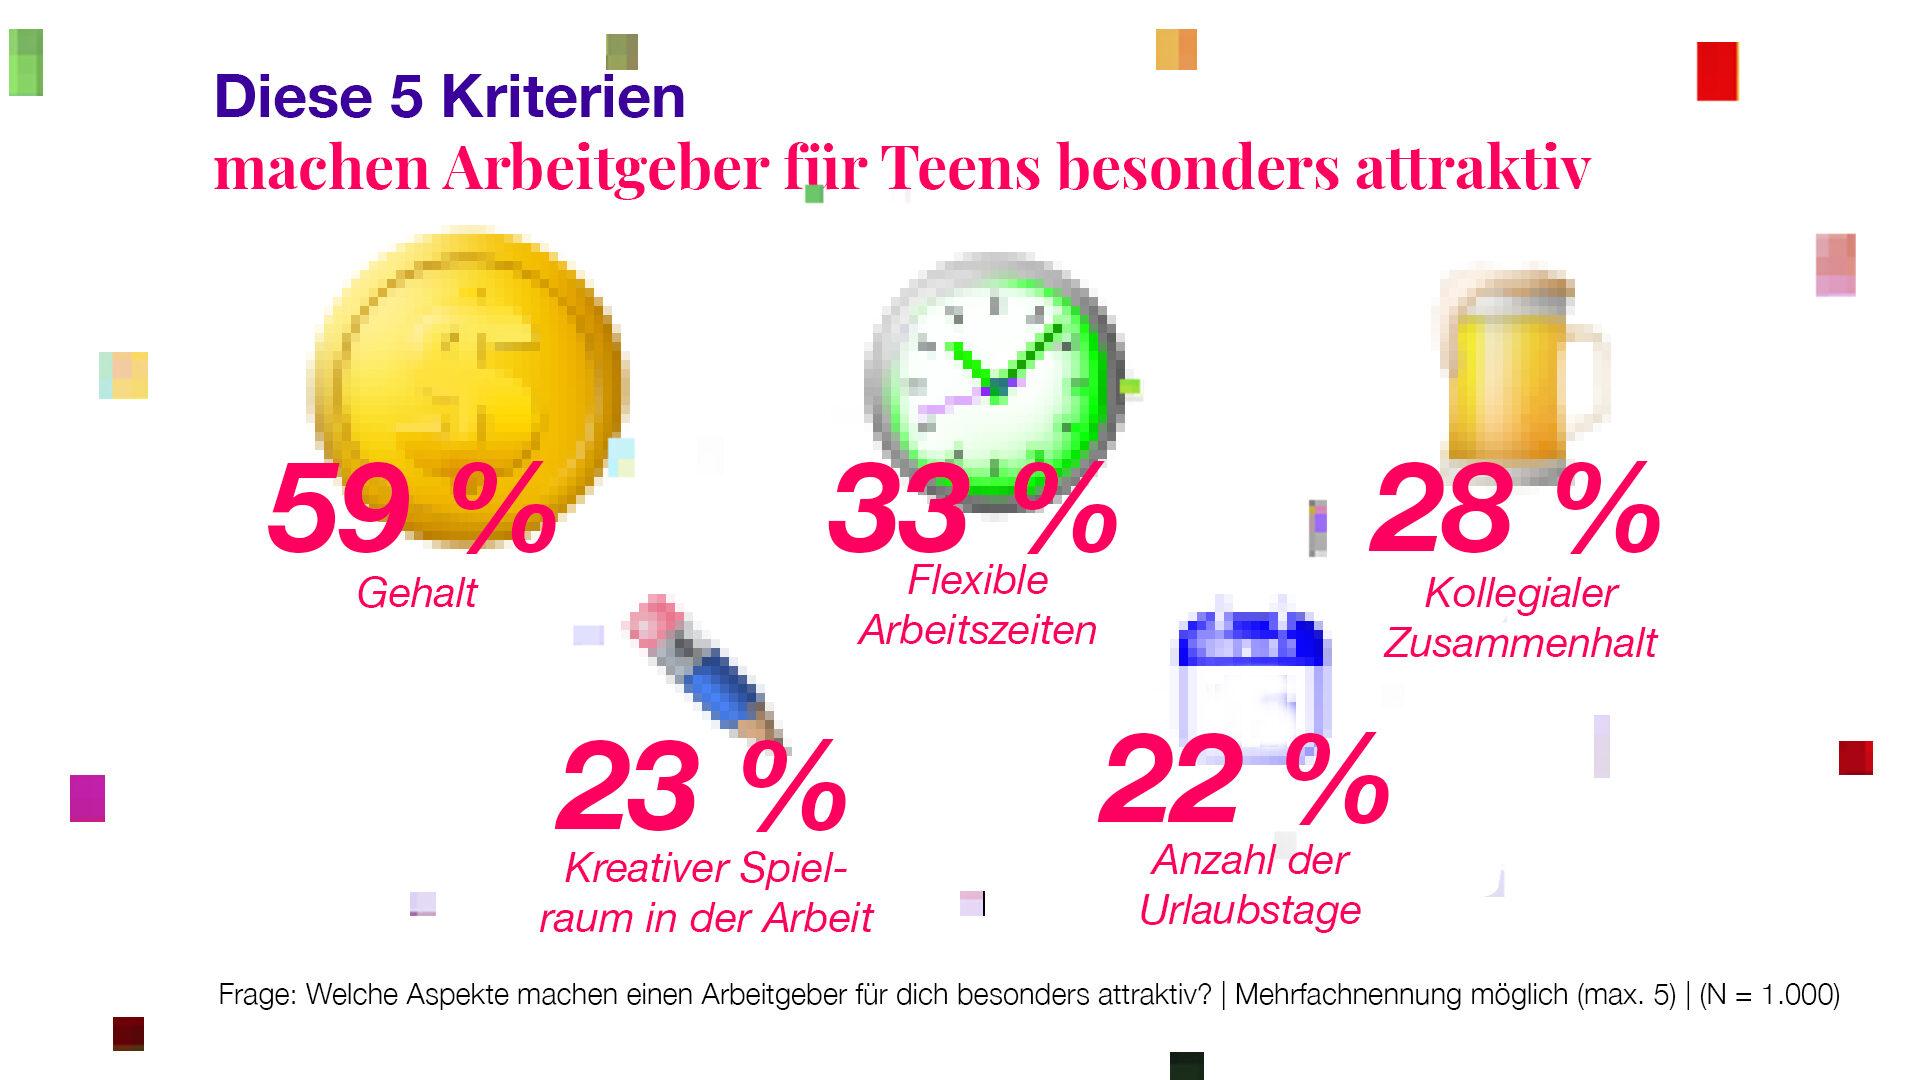 Teengeist Grafik: Kriterien an Arbeitgeber